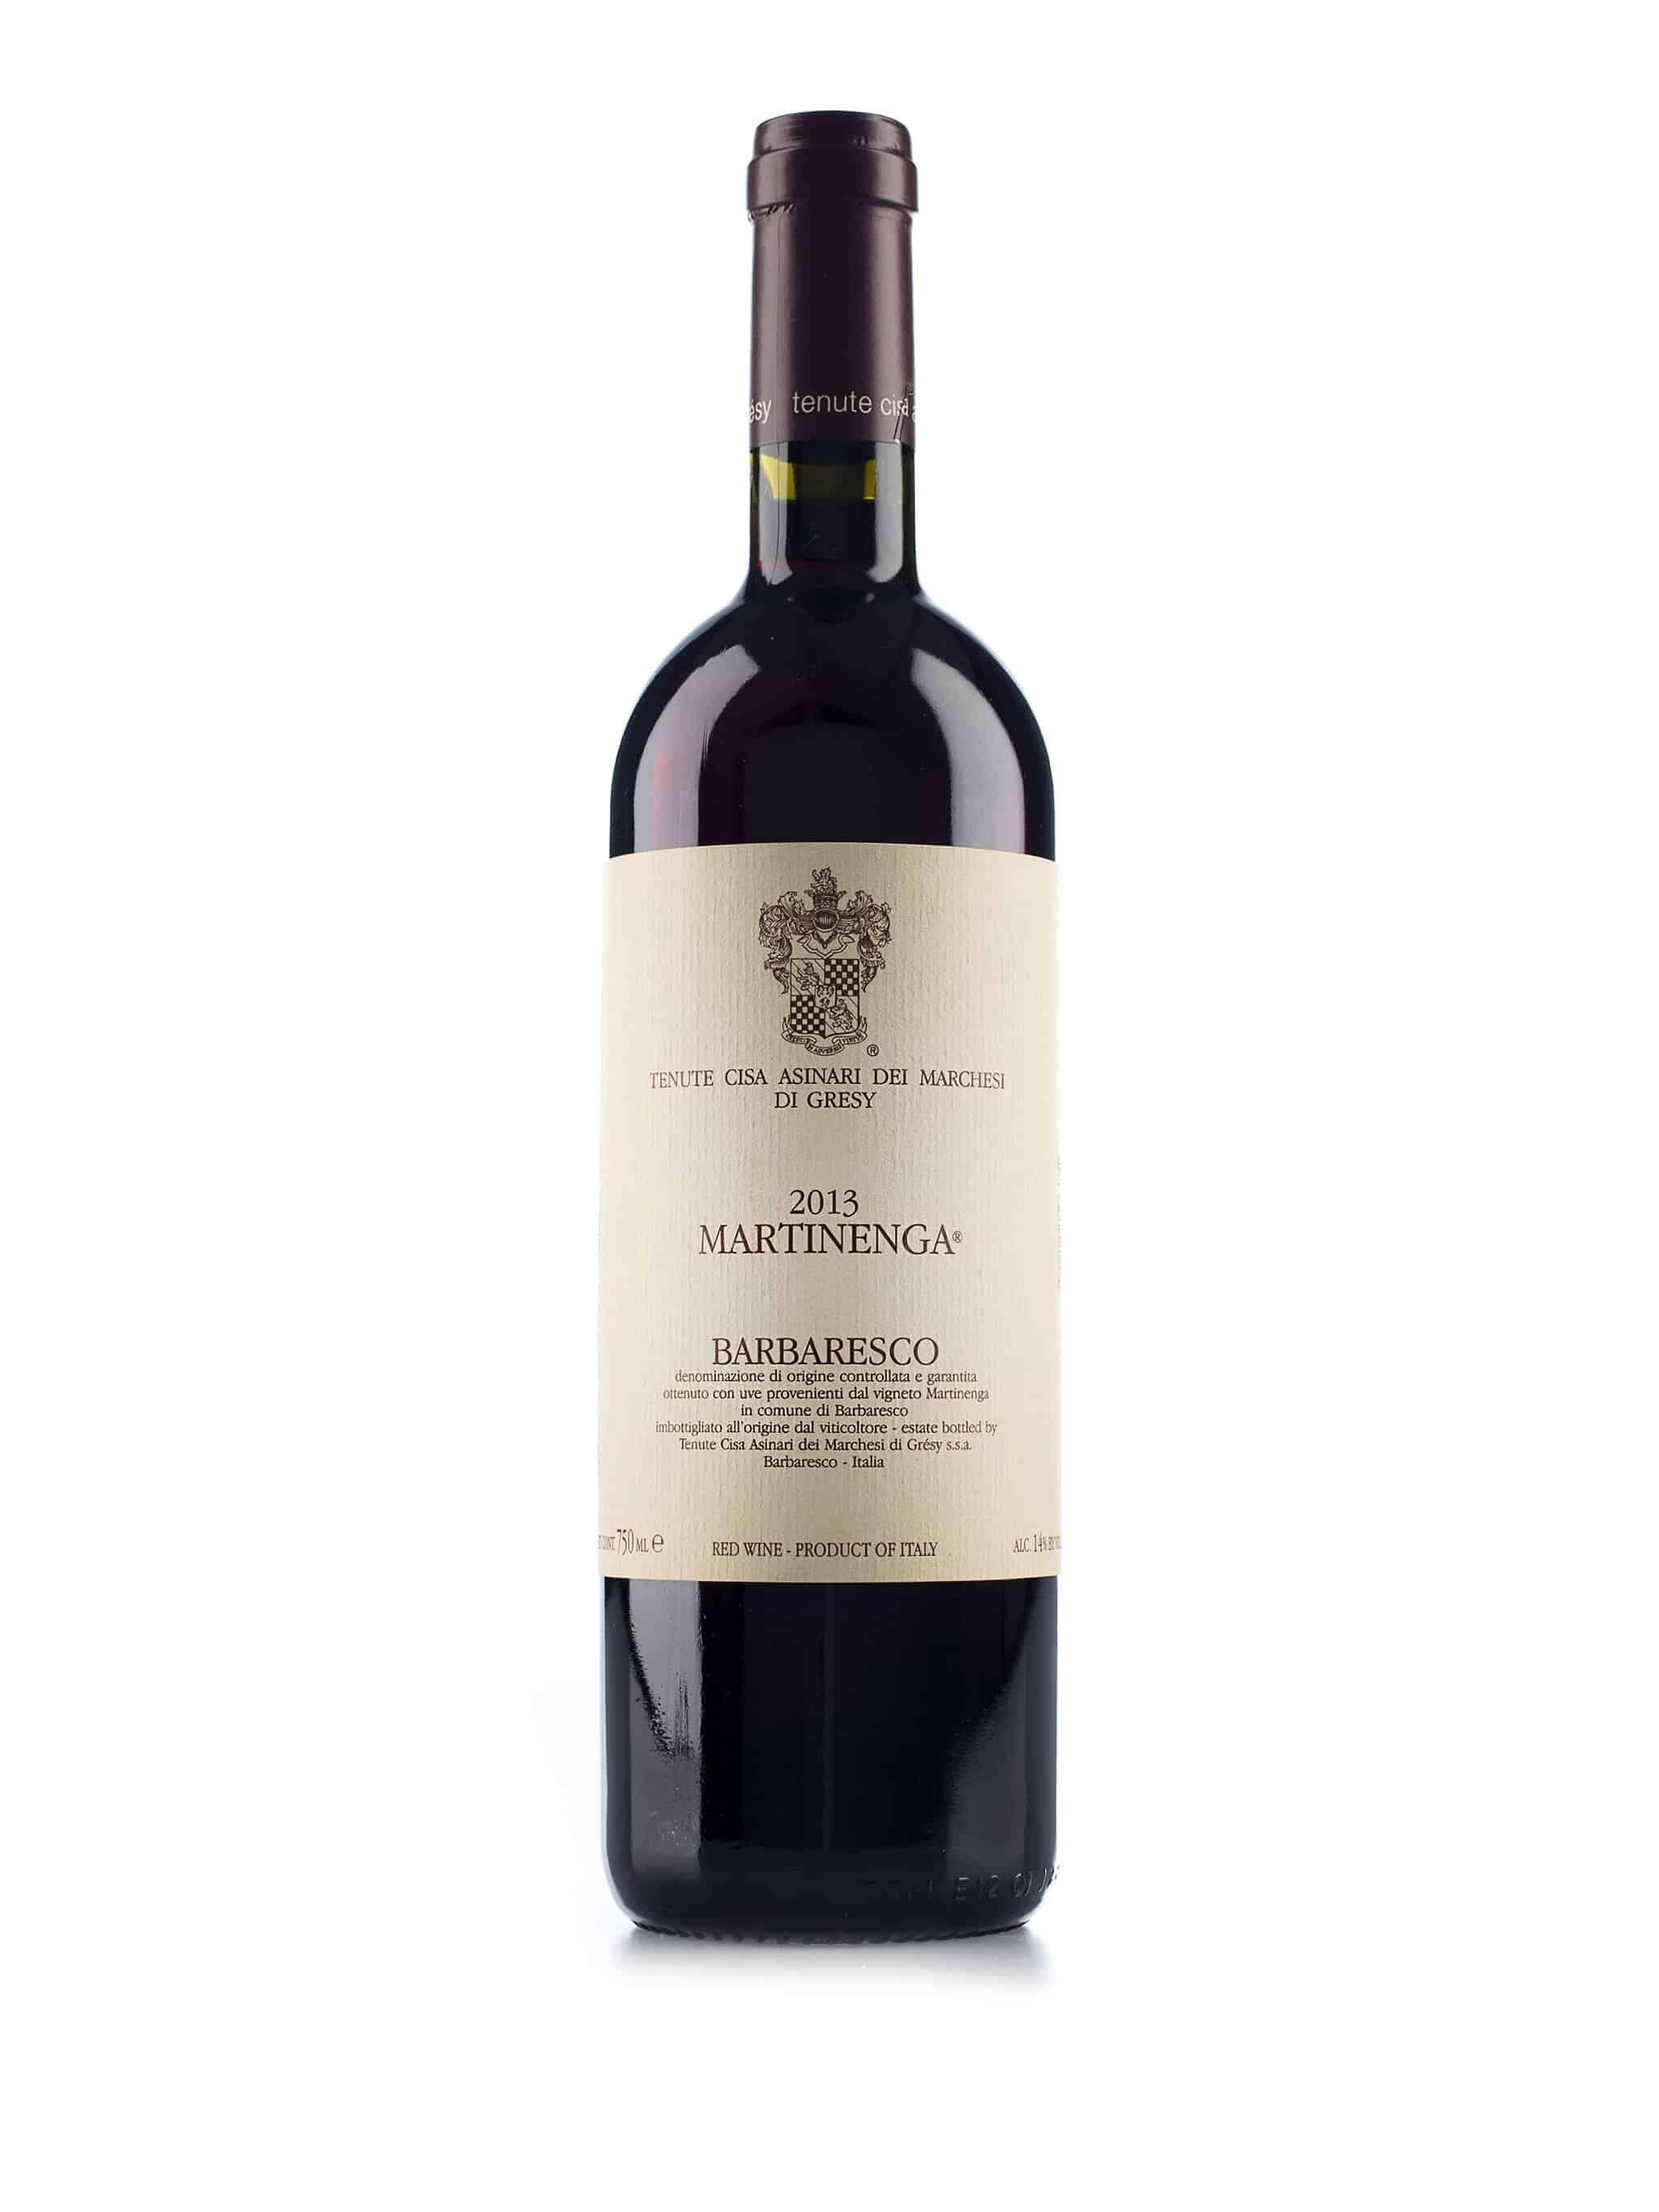 Italiaanse rode wijn van wijndomein Cisa Asinari dei Marchesi di Gresy: Barbaresco Martinenga